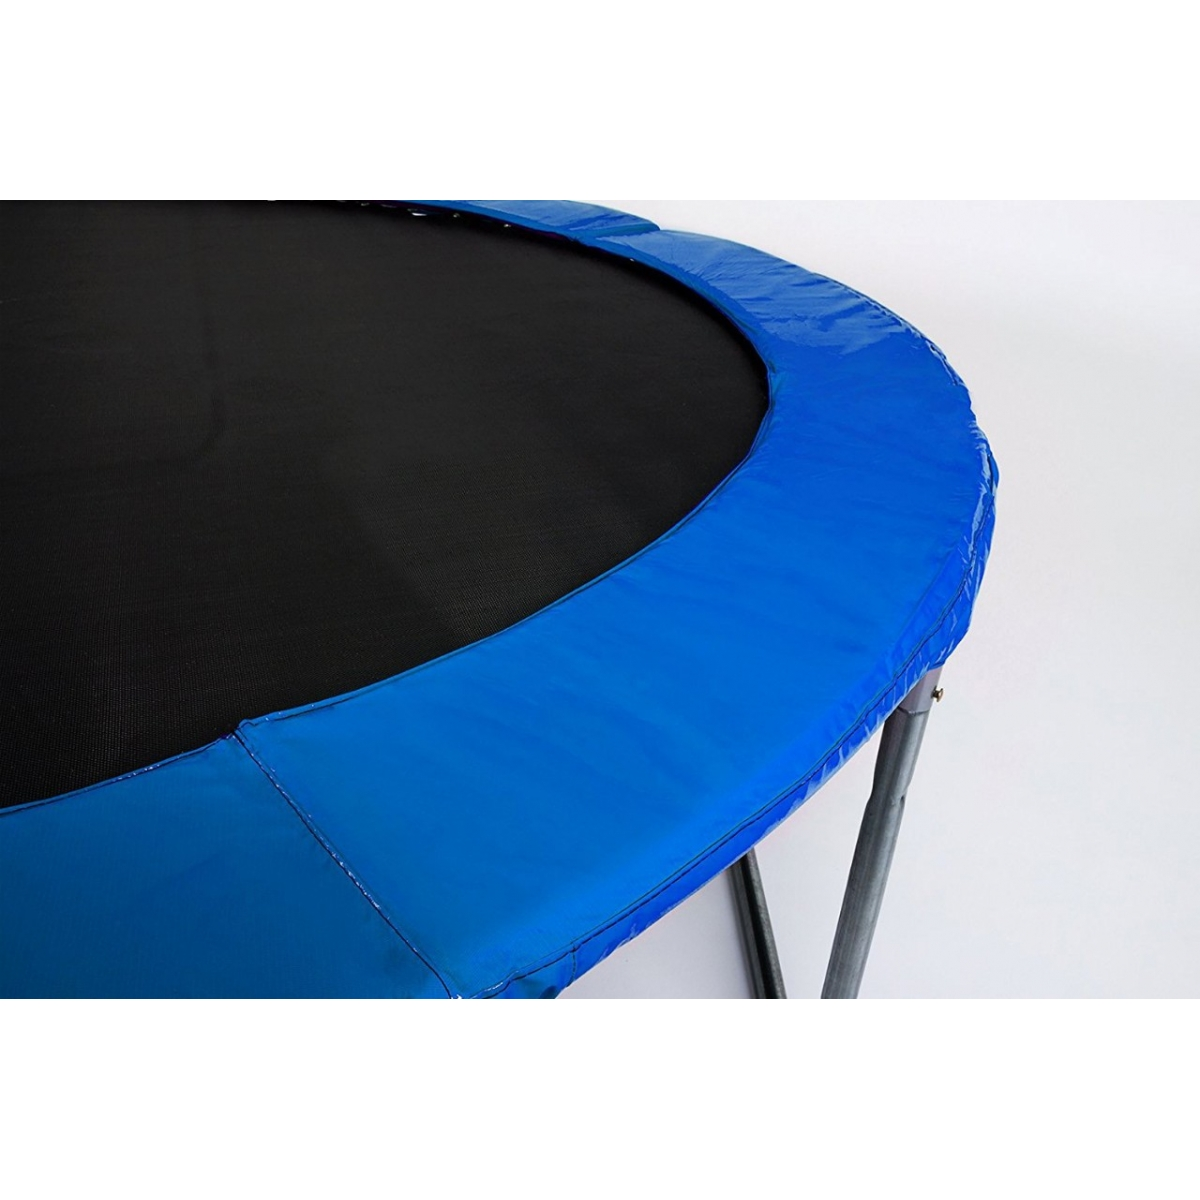 Батут Atlas Sport 312см - 10ft PRO (3 ноги) + усиленные опоры, с внешней сеткой и лестницей